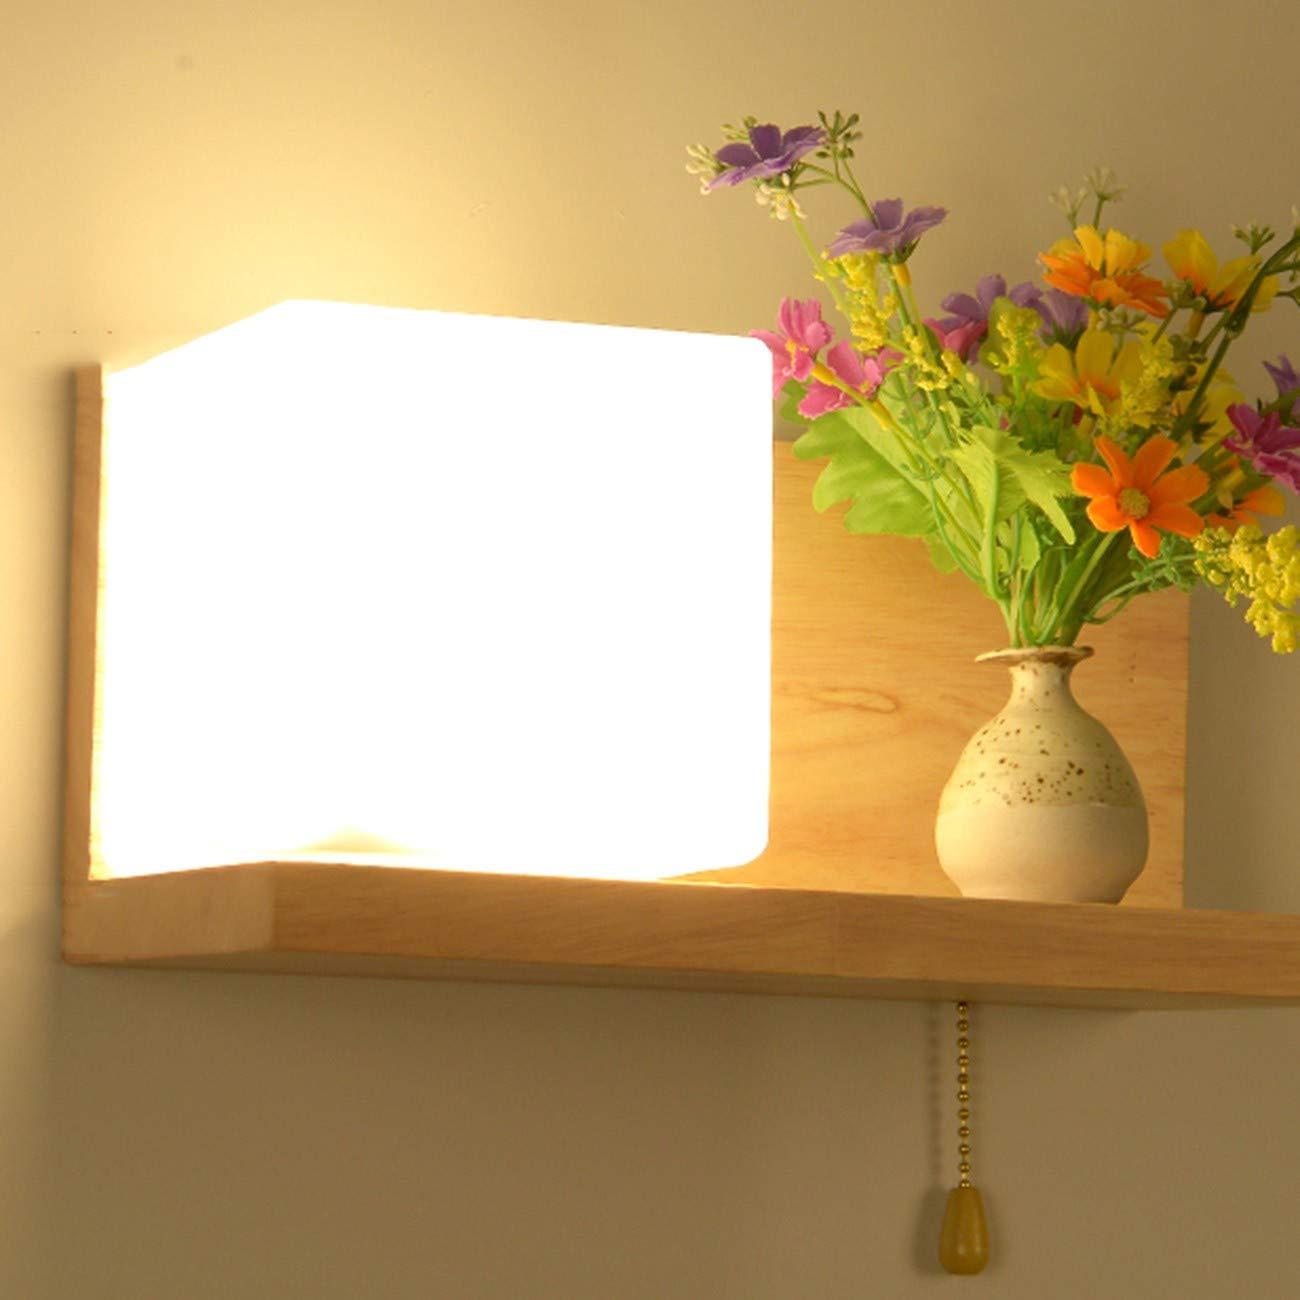 Wandleuchte Wall Lamp, Schlafzimmer Mit Lampe, Indoor - Gang, Super Intelligent Und Klug,F